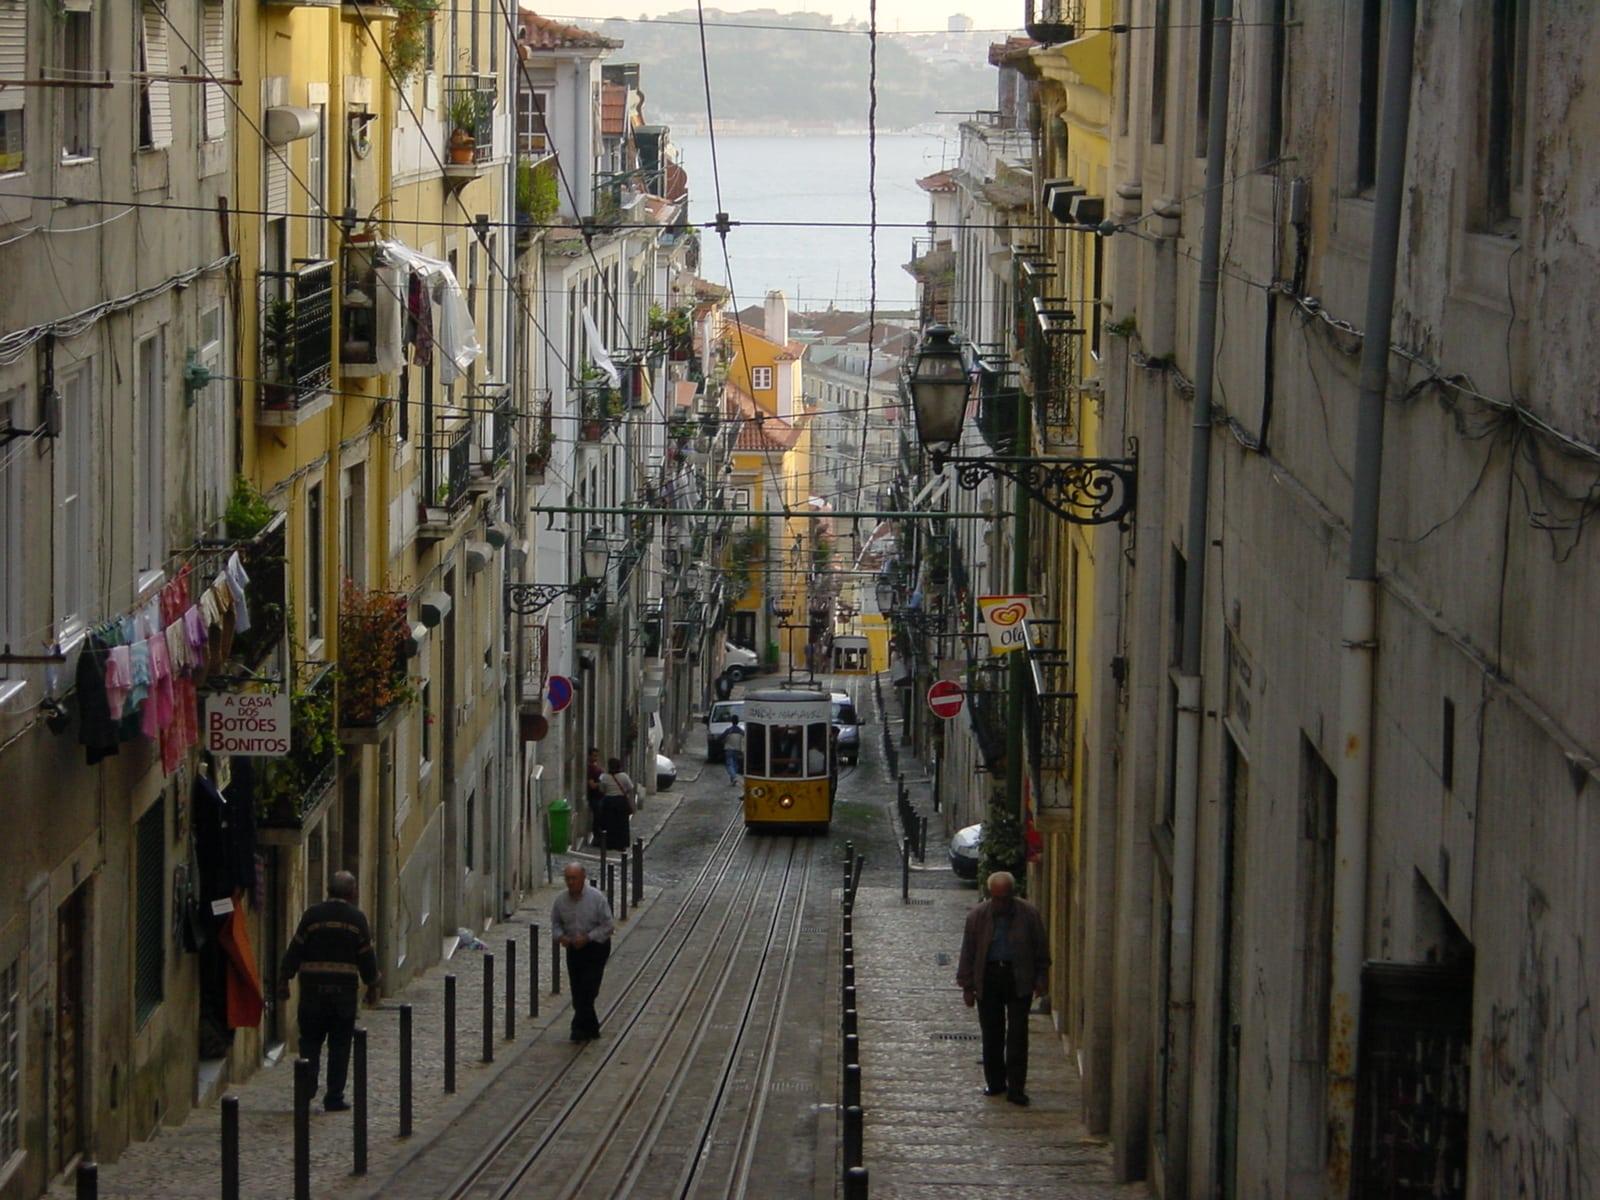 2002-10-26_11-15_(Andalusien_&_Lissabon_240)_Lissabon